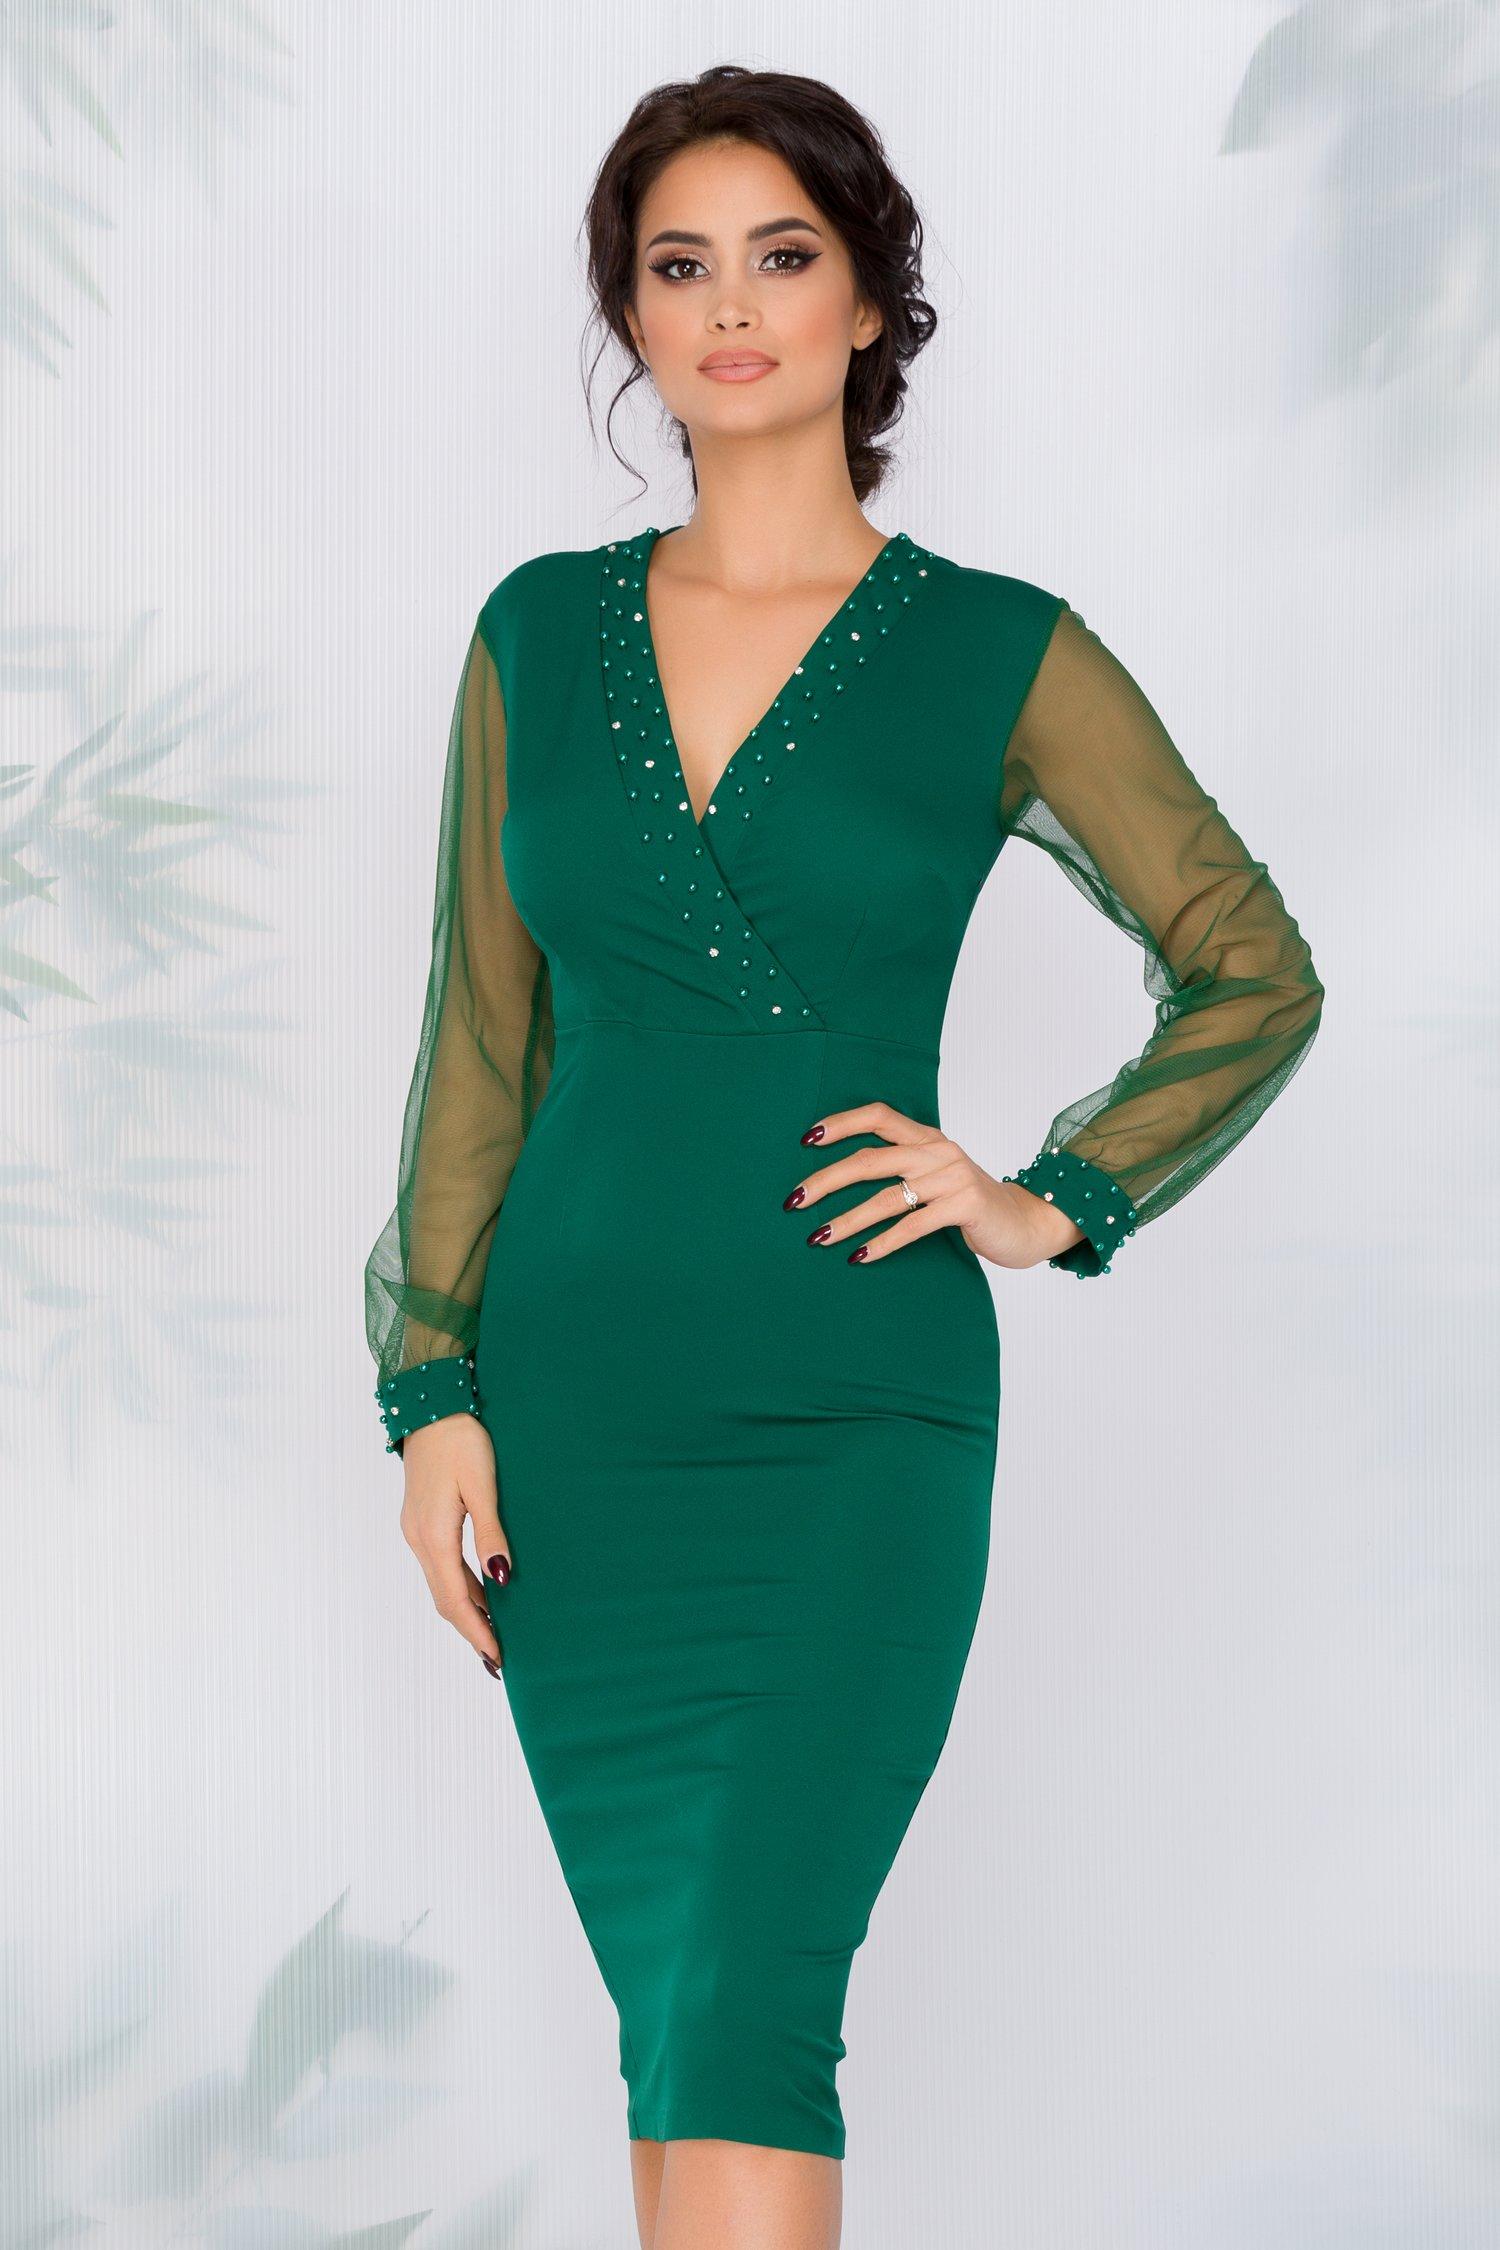 Rochie Doris verde cu decolteu petrecut accesorizat cu perlute